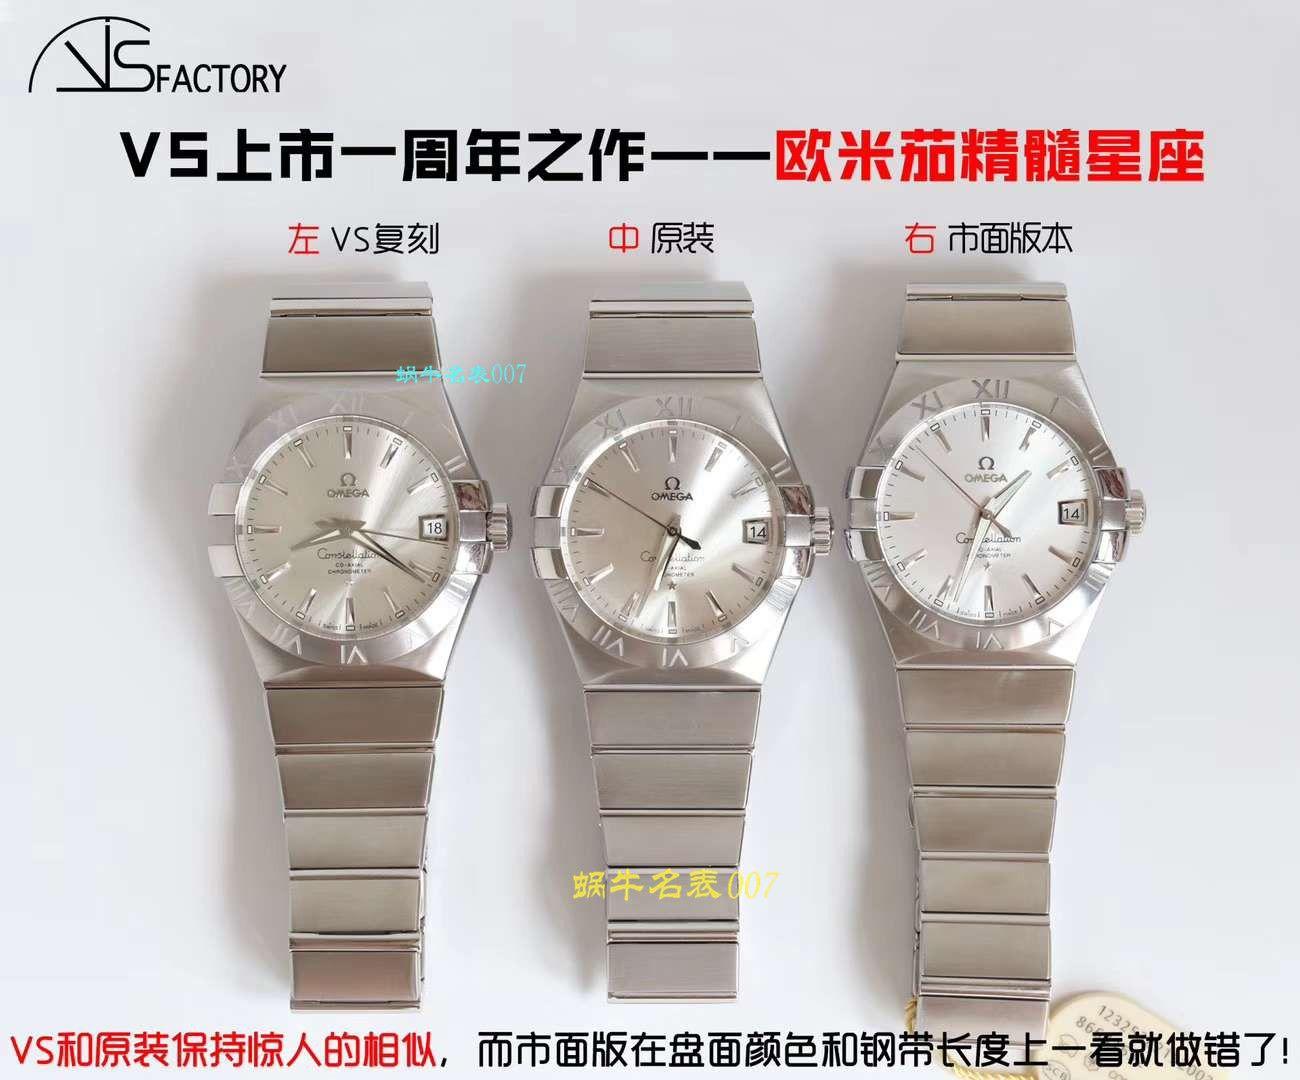 【视频评测VS厂一比一精仿星座】欧米茄星座系列123.10.38.21.51.001腕表 / M383